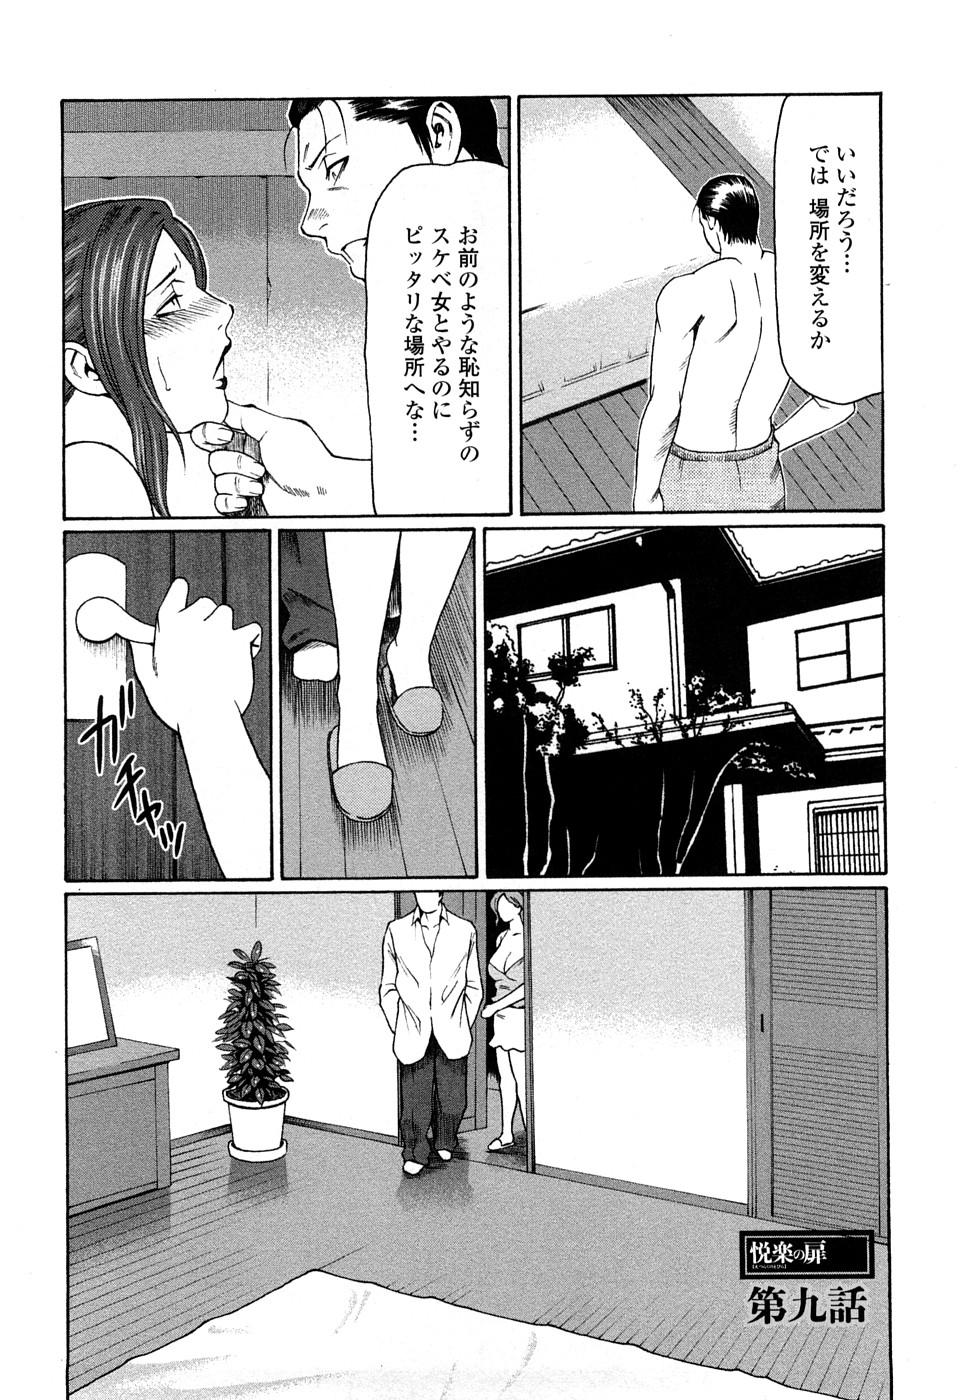 Etsuraku no Tobira - The Door of Sexual Pleasure 152